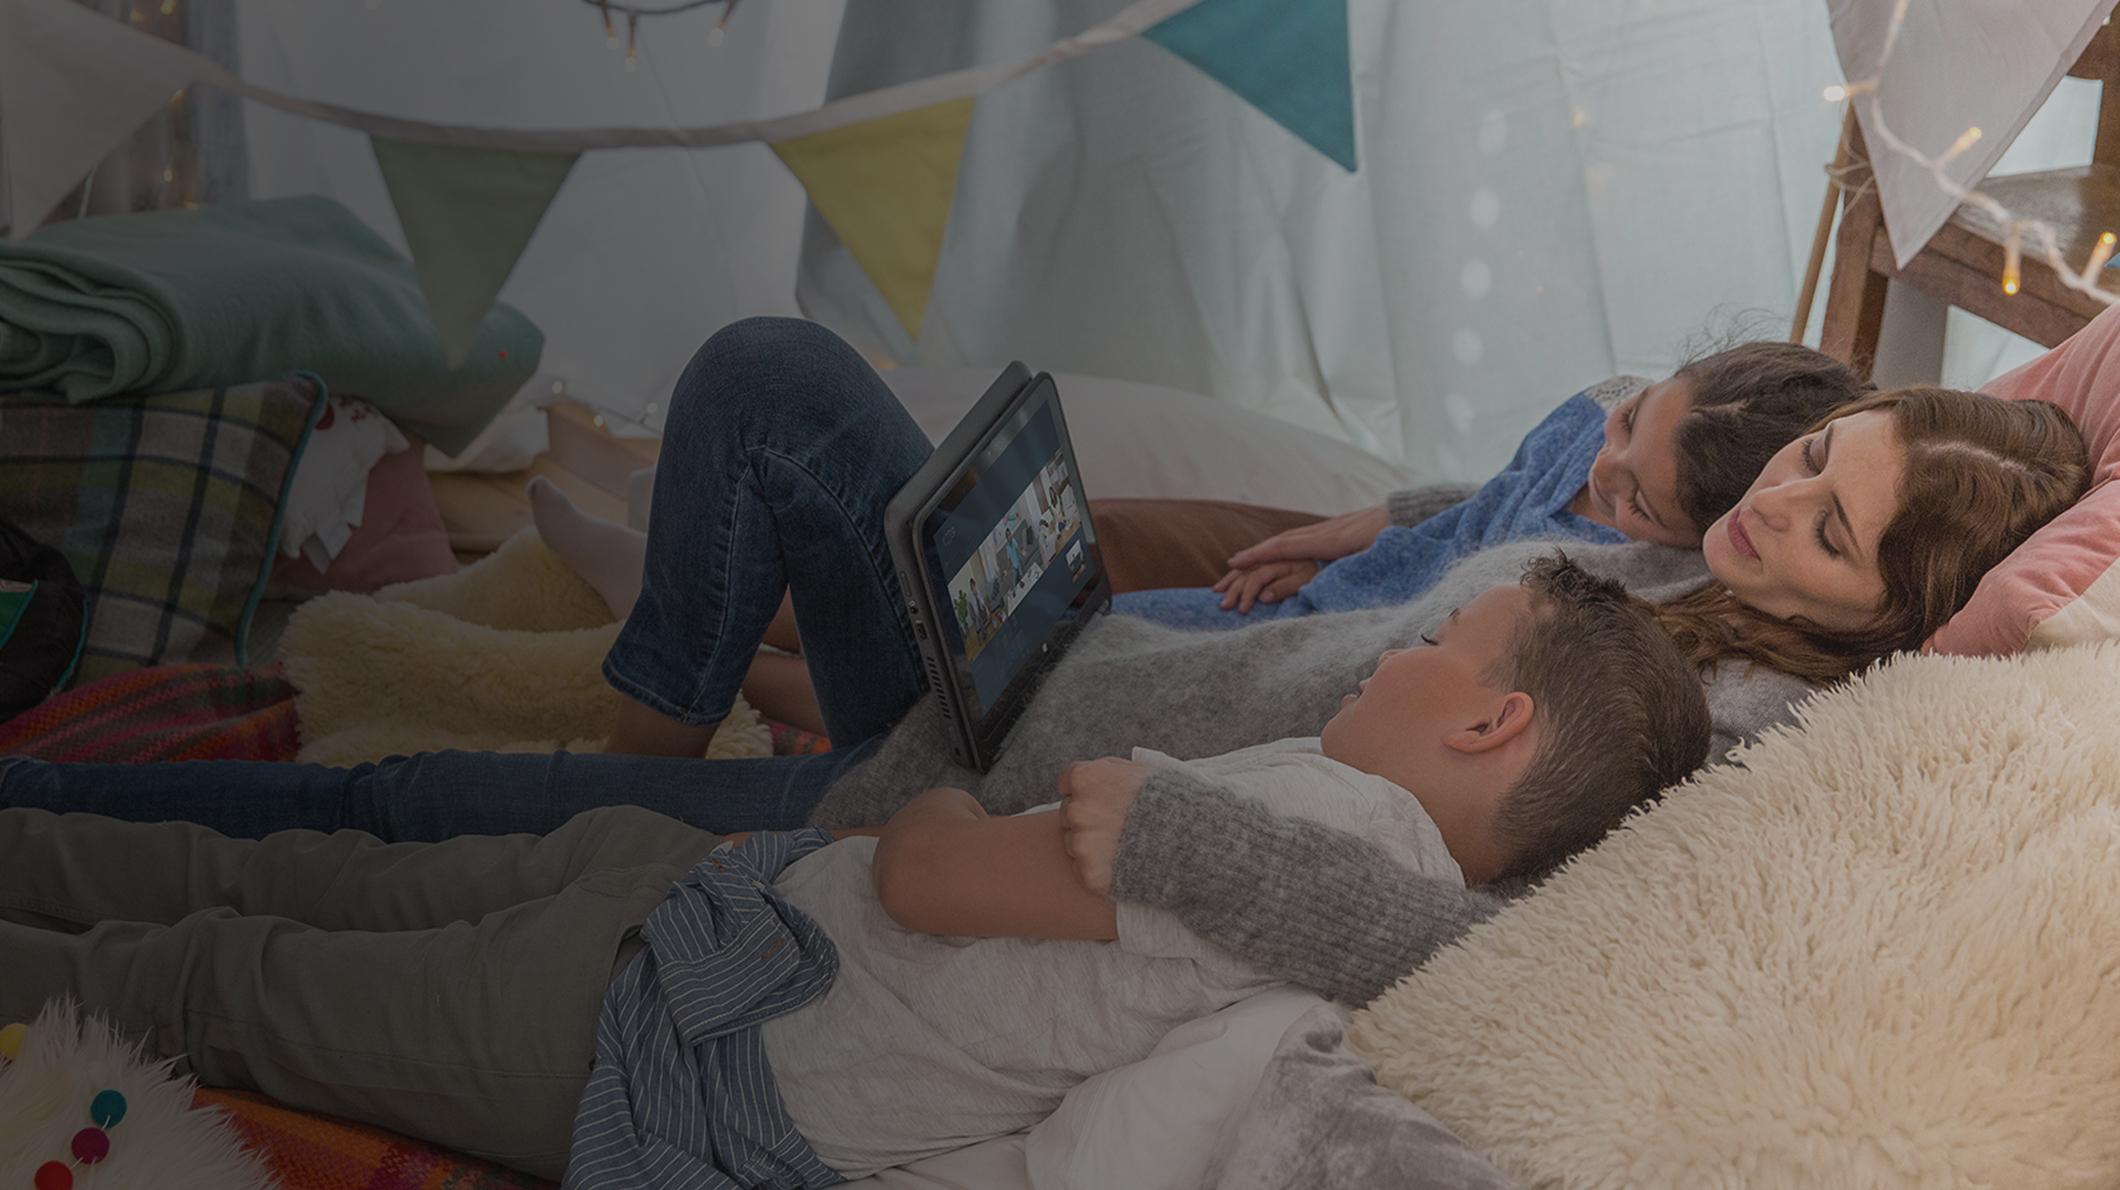 Egy társaság filmet néz egy PC-n